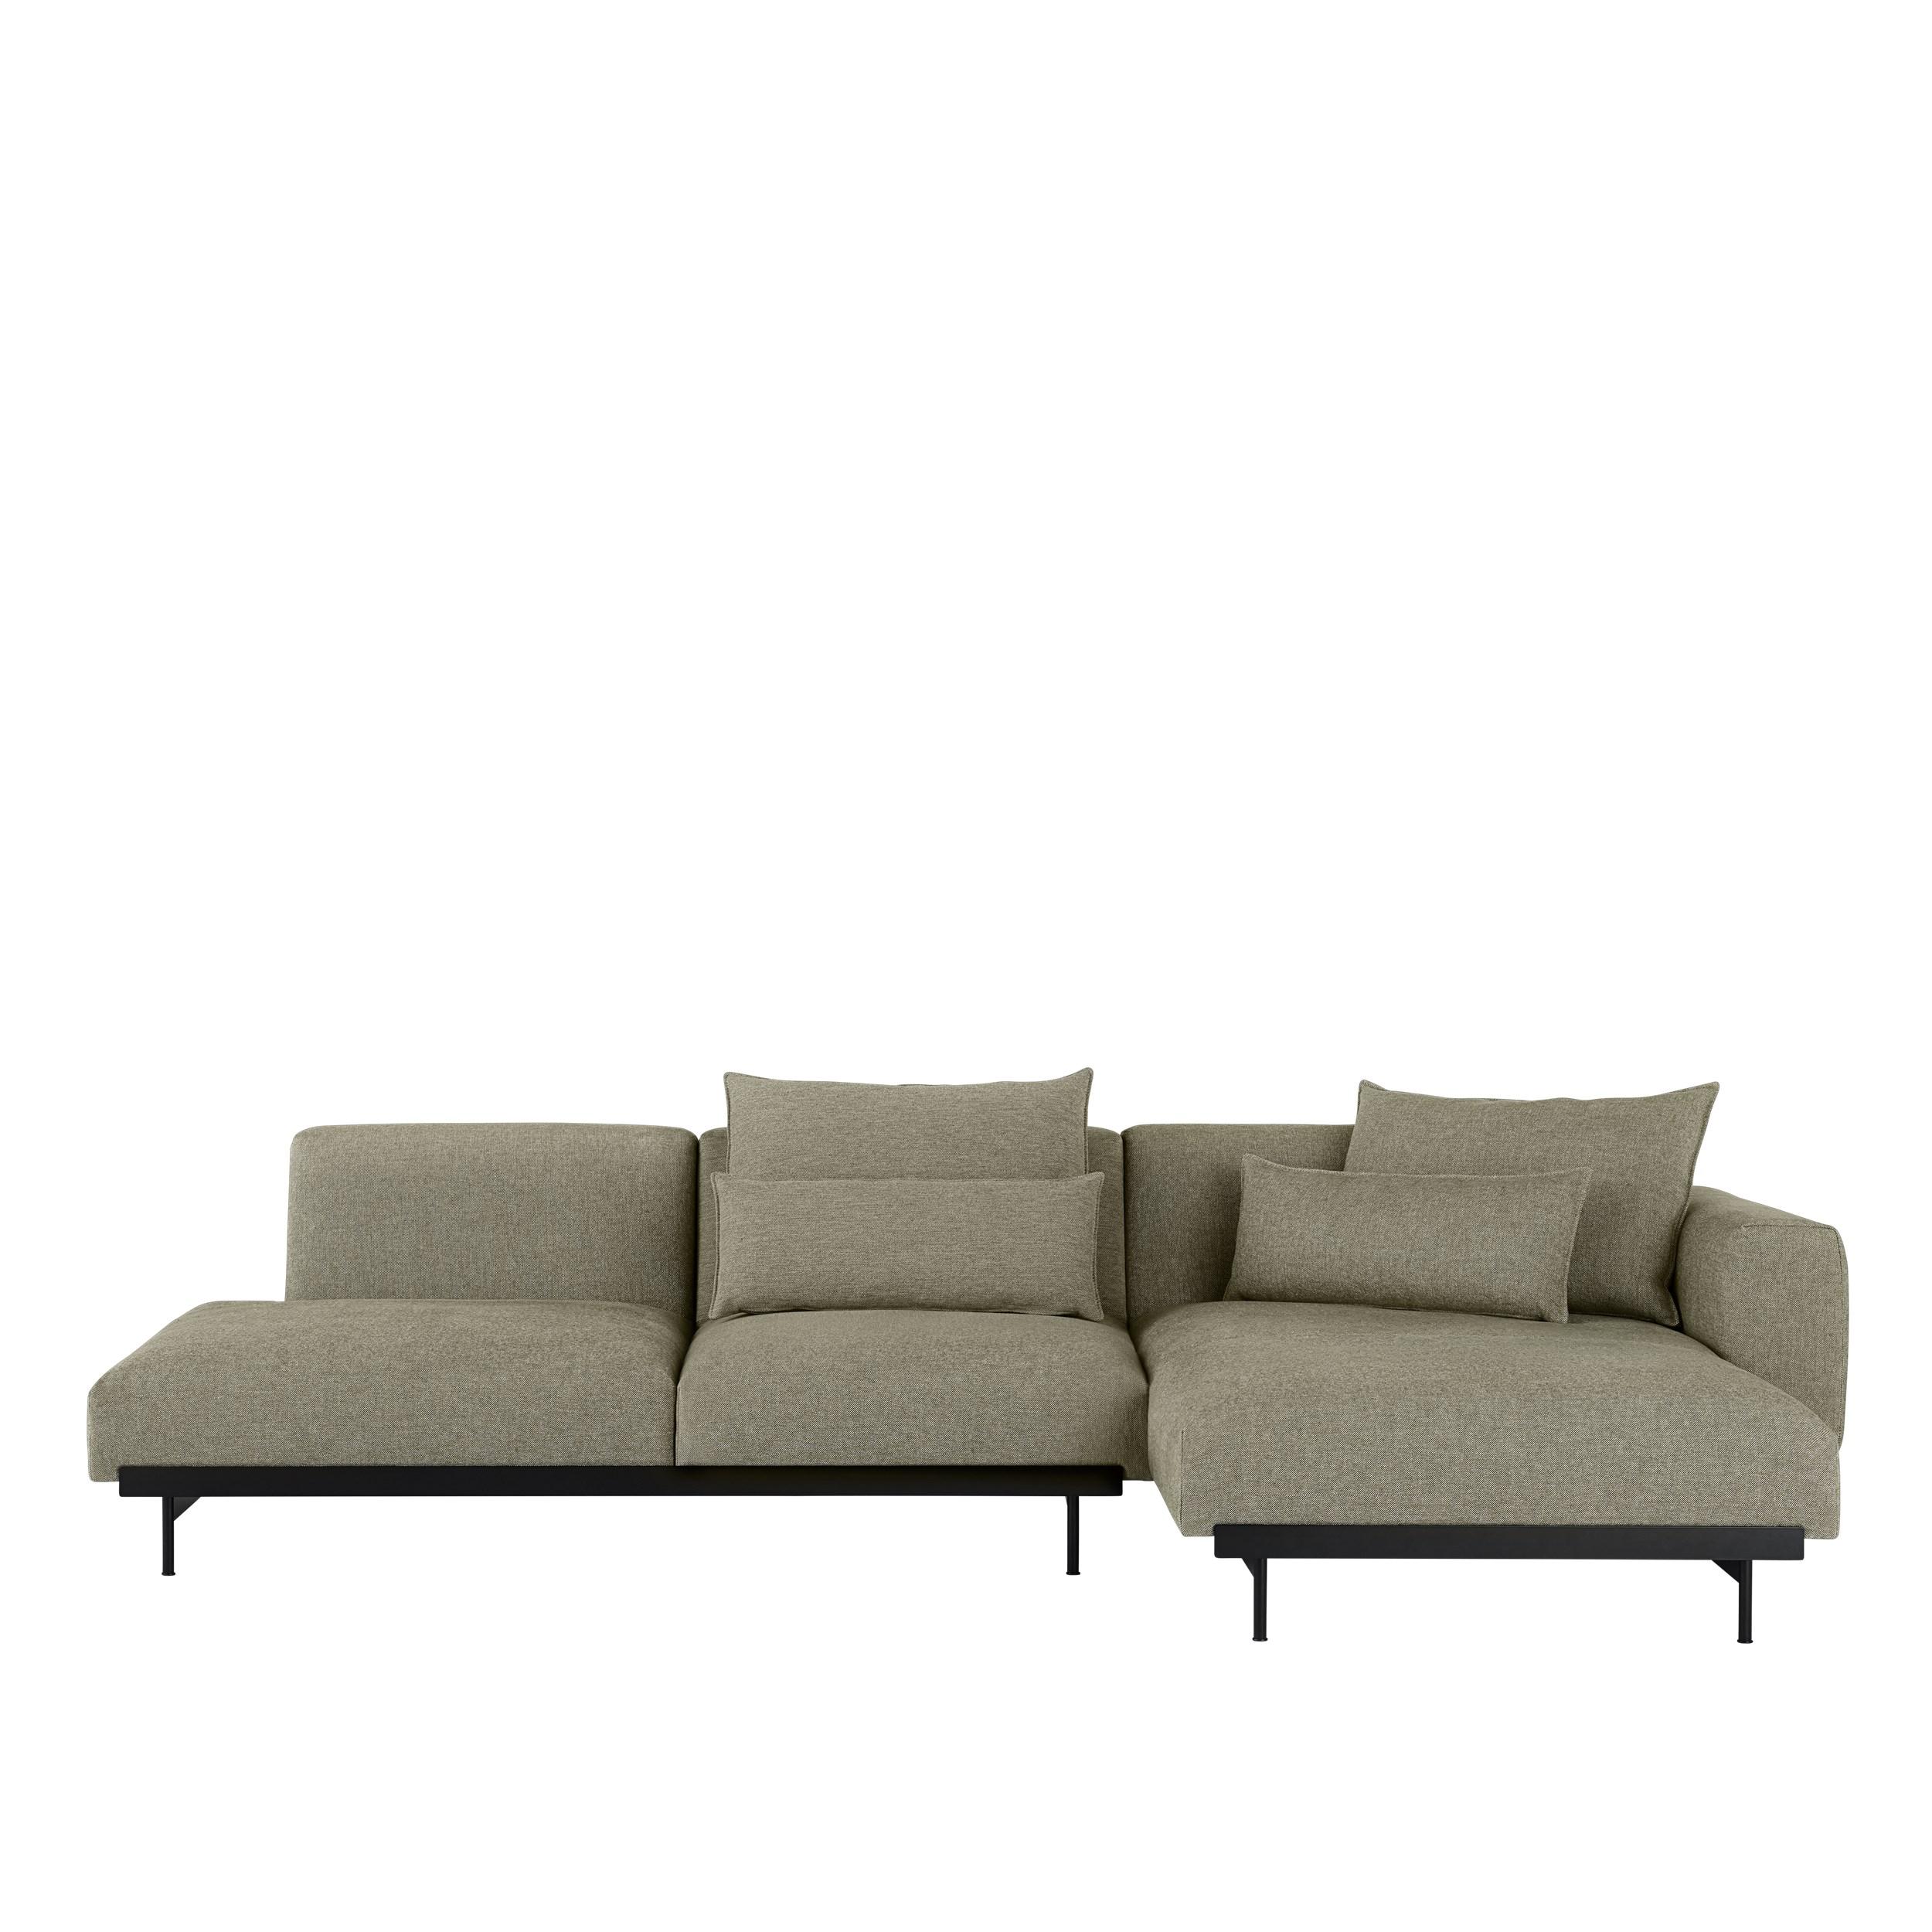 IN SitU Modular Sofa 3 seater-NO 9